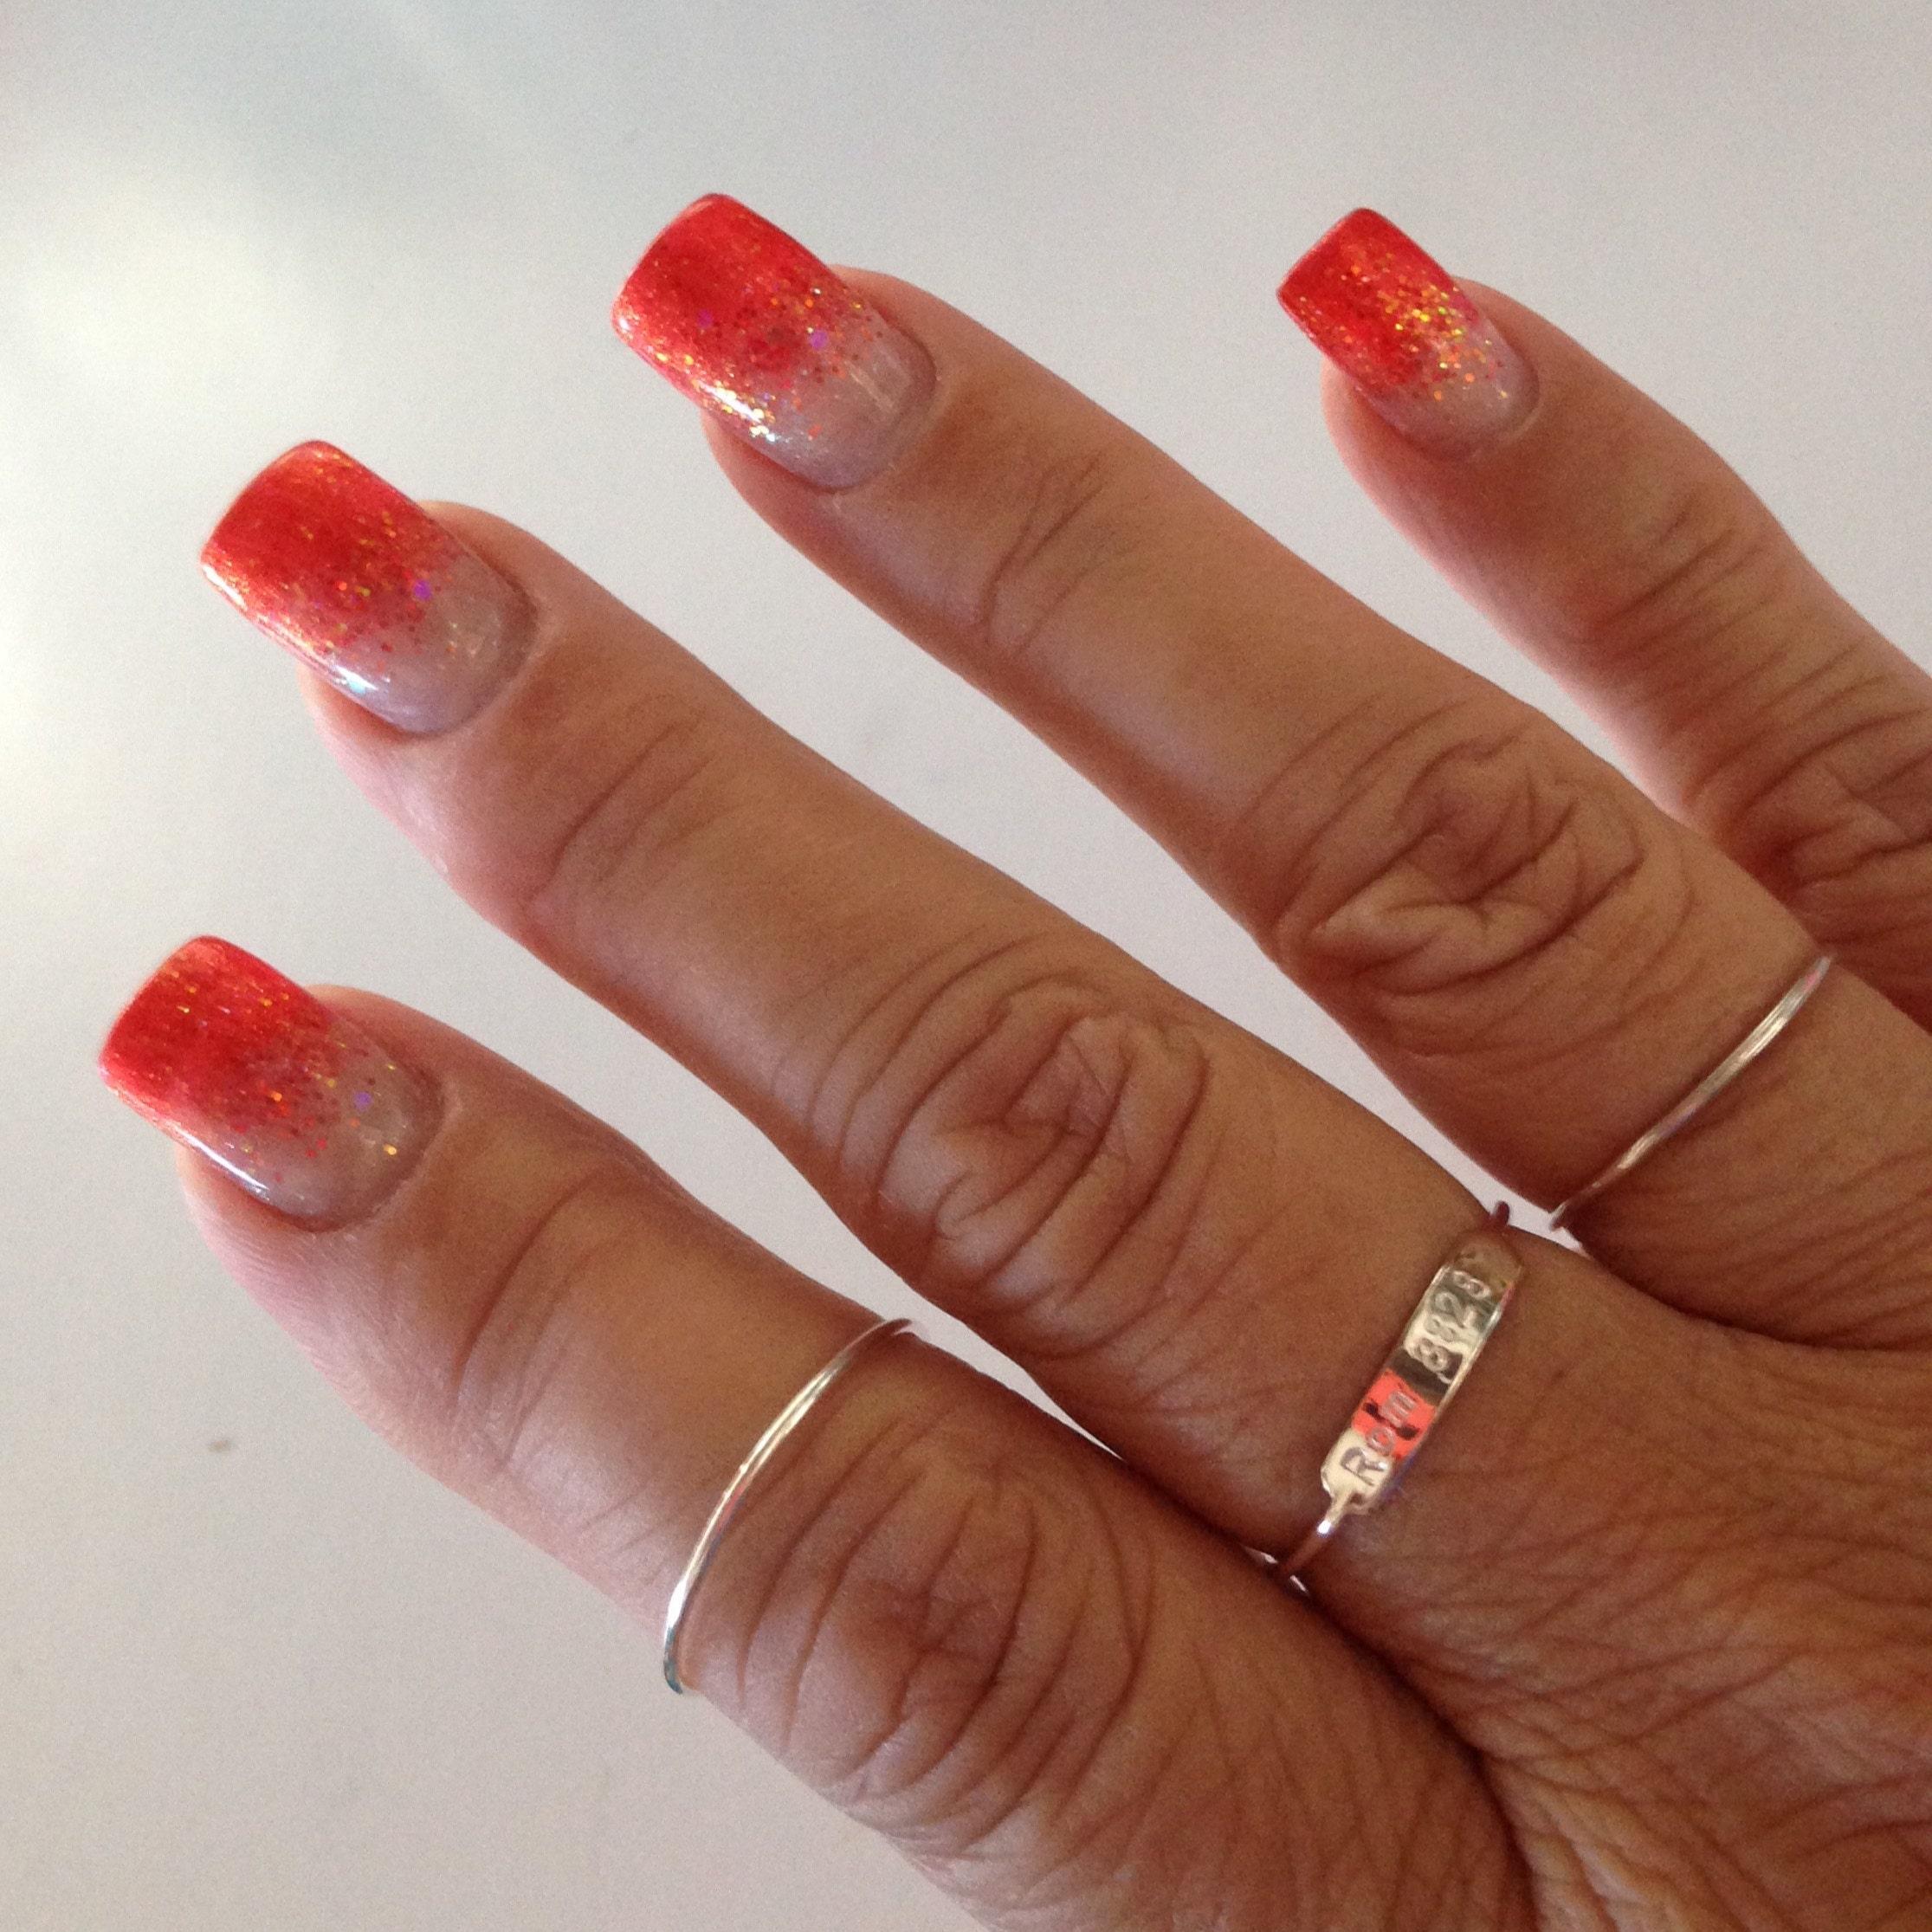 Stephanie Keolanui-Cachola added a photo of their purchase